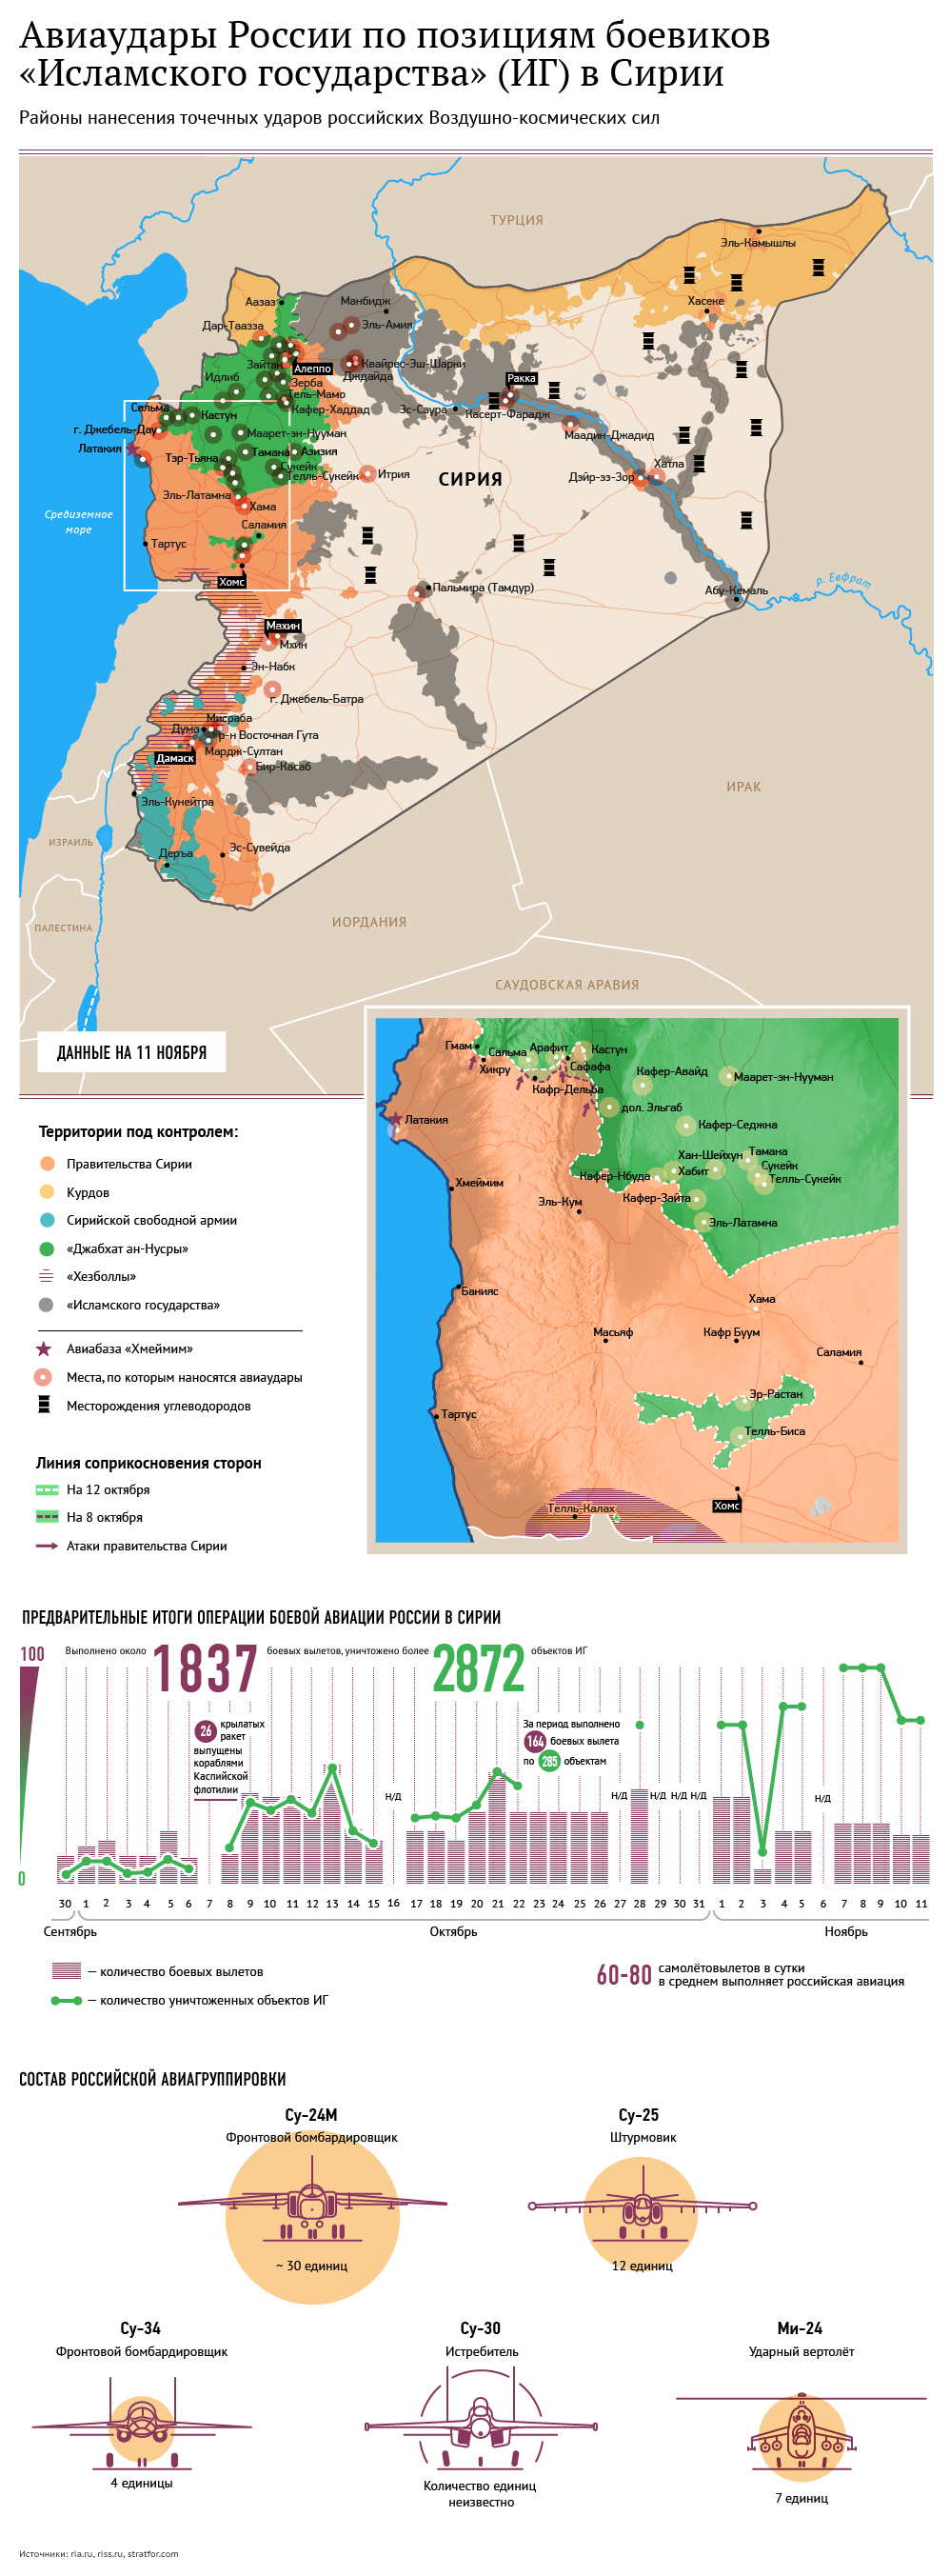 Авиаудары России по позициям боевиков «Исламского государства» (ИГ) в Сирии